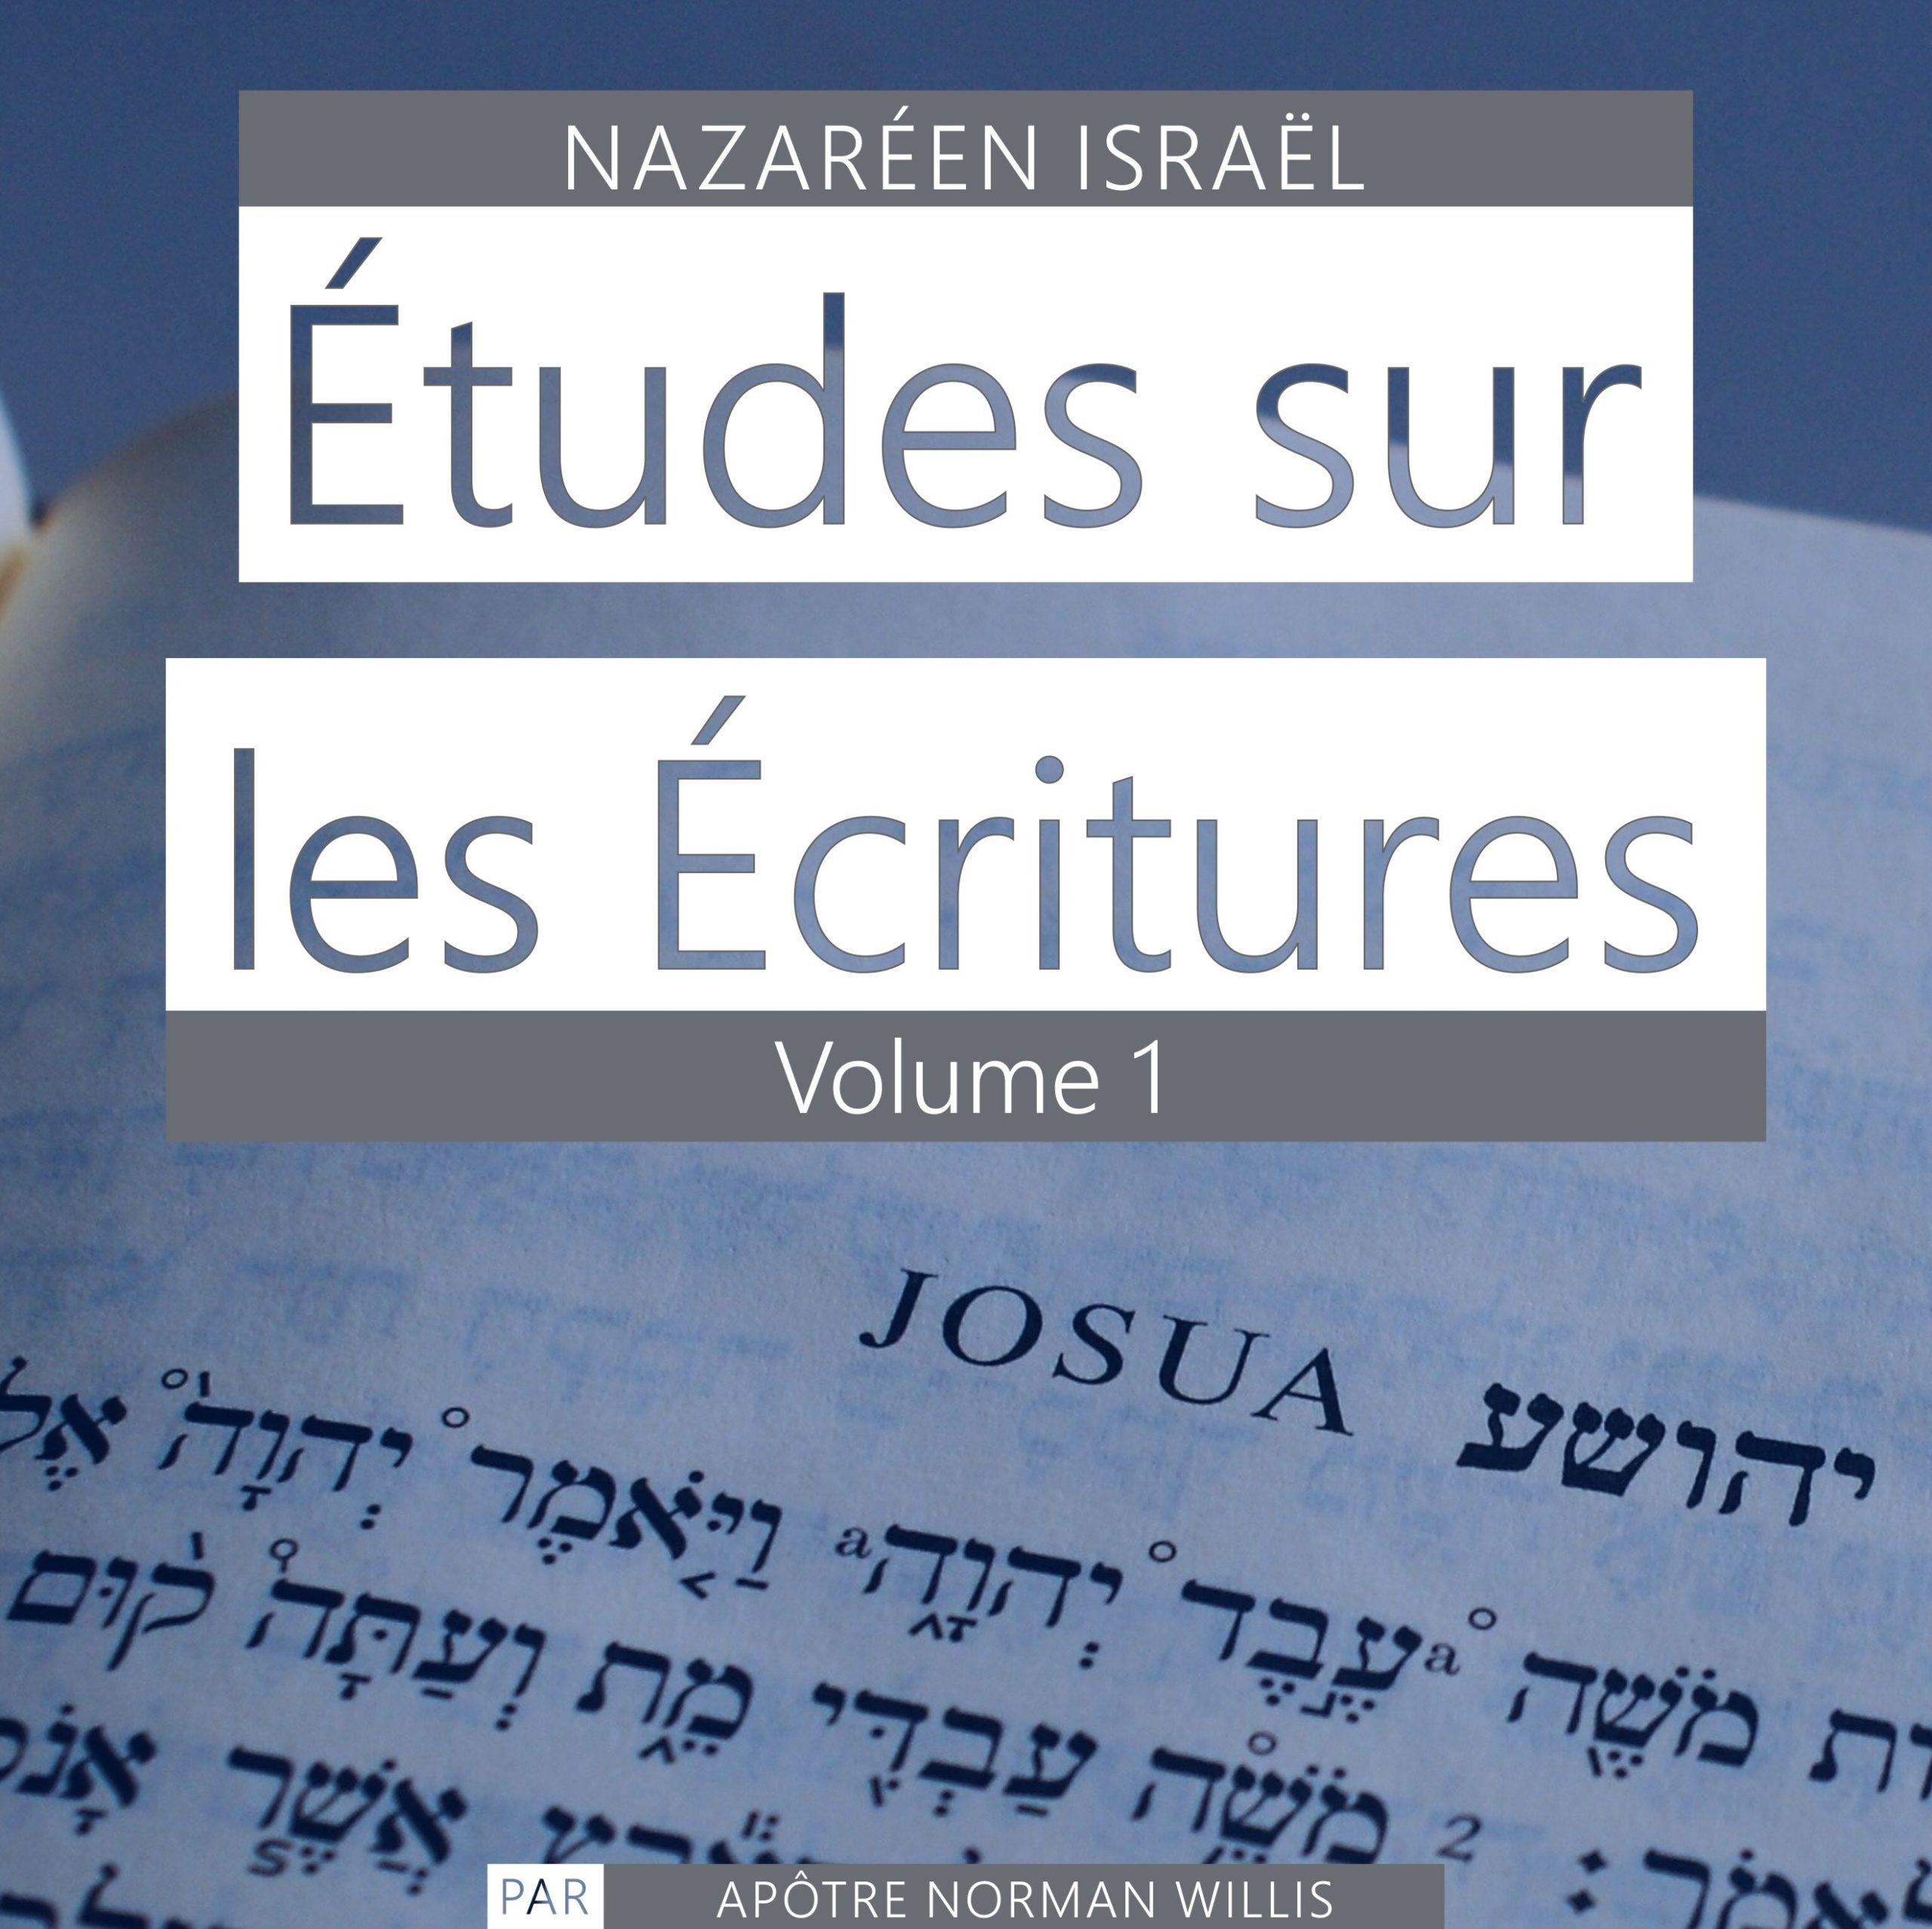 Nazaréen Écriture Études Vol. 1